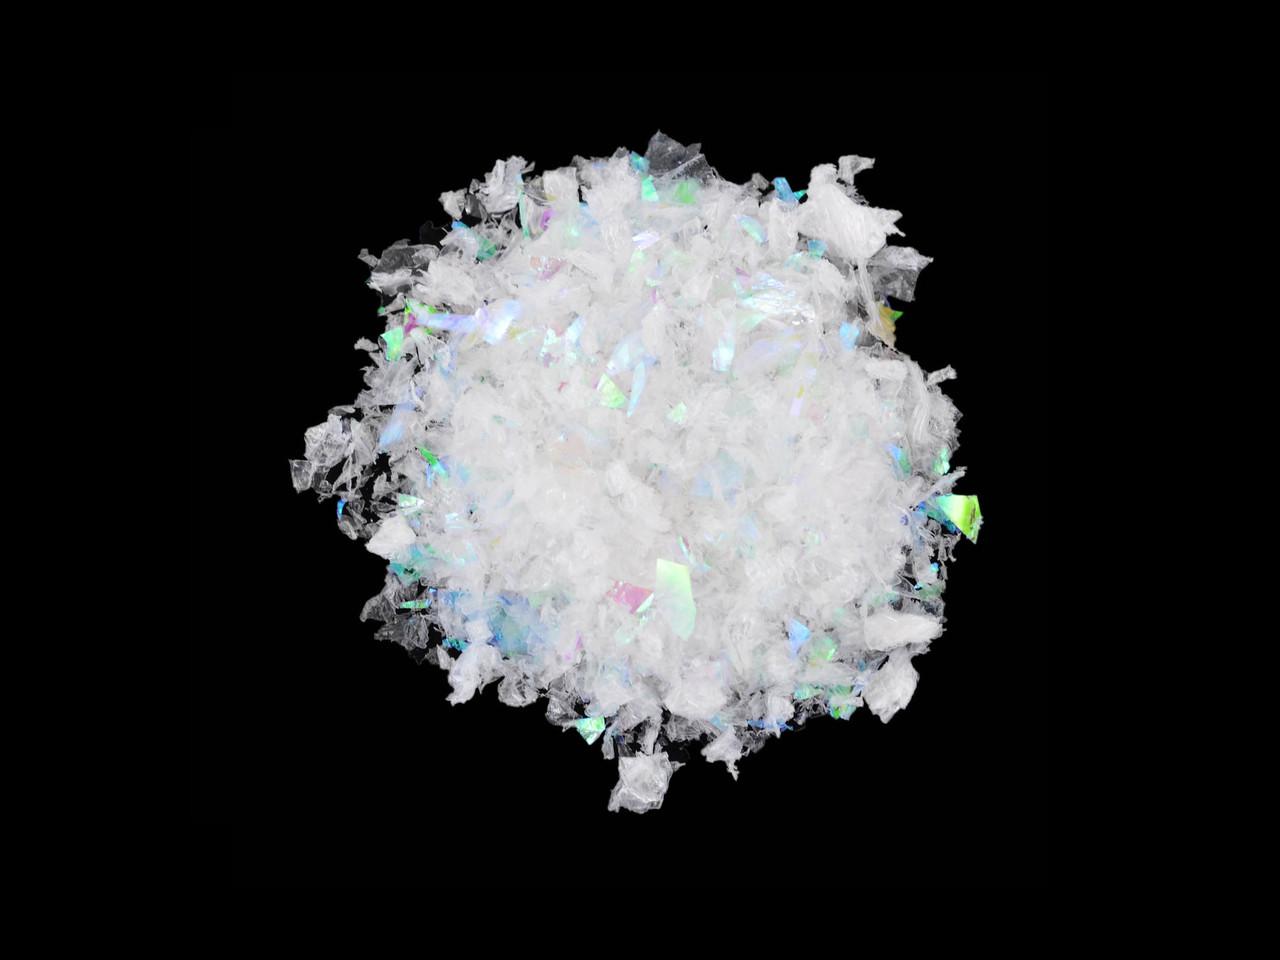 Снег искусственный блеск 80г - фото 3